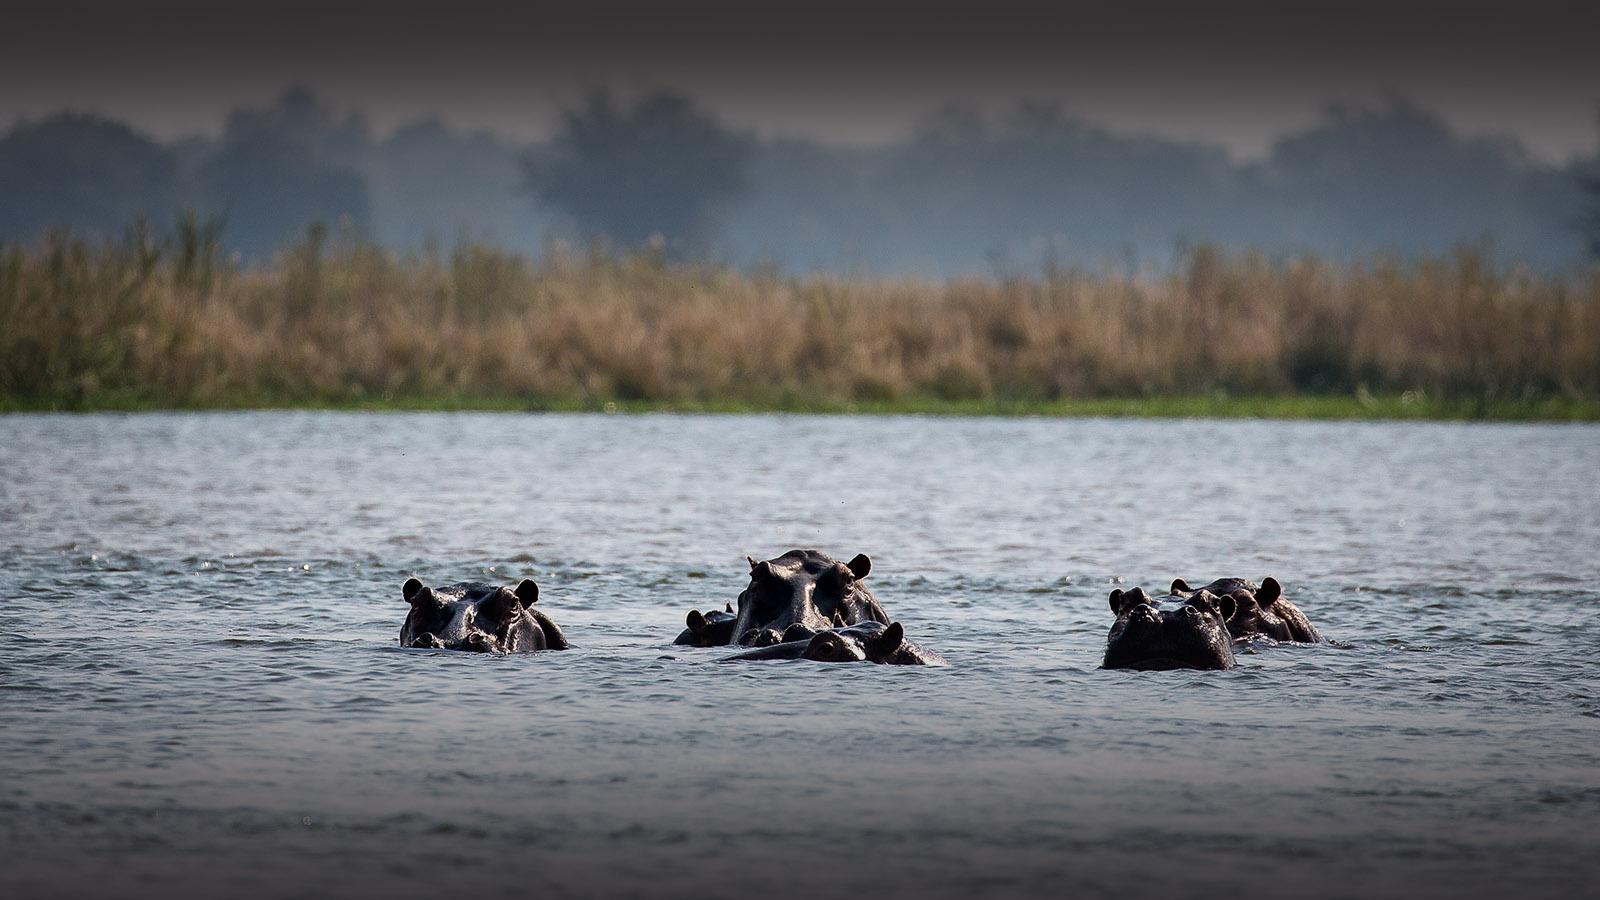 chikwenya camp zimbabwe-lodges-accommodation-zambia-in-style-mana-pools-zambezi-river-wilderness-safaris-hippo-river